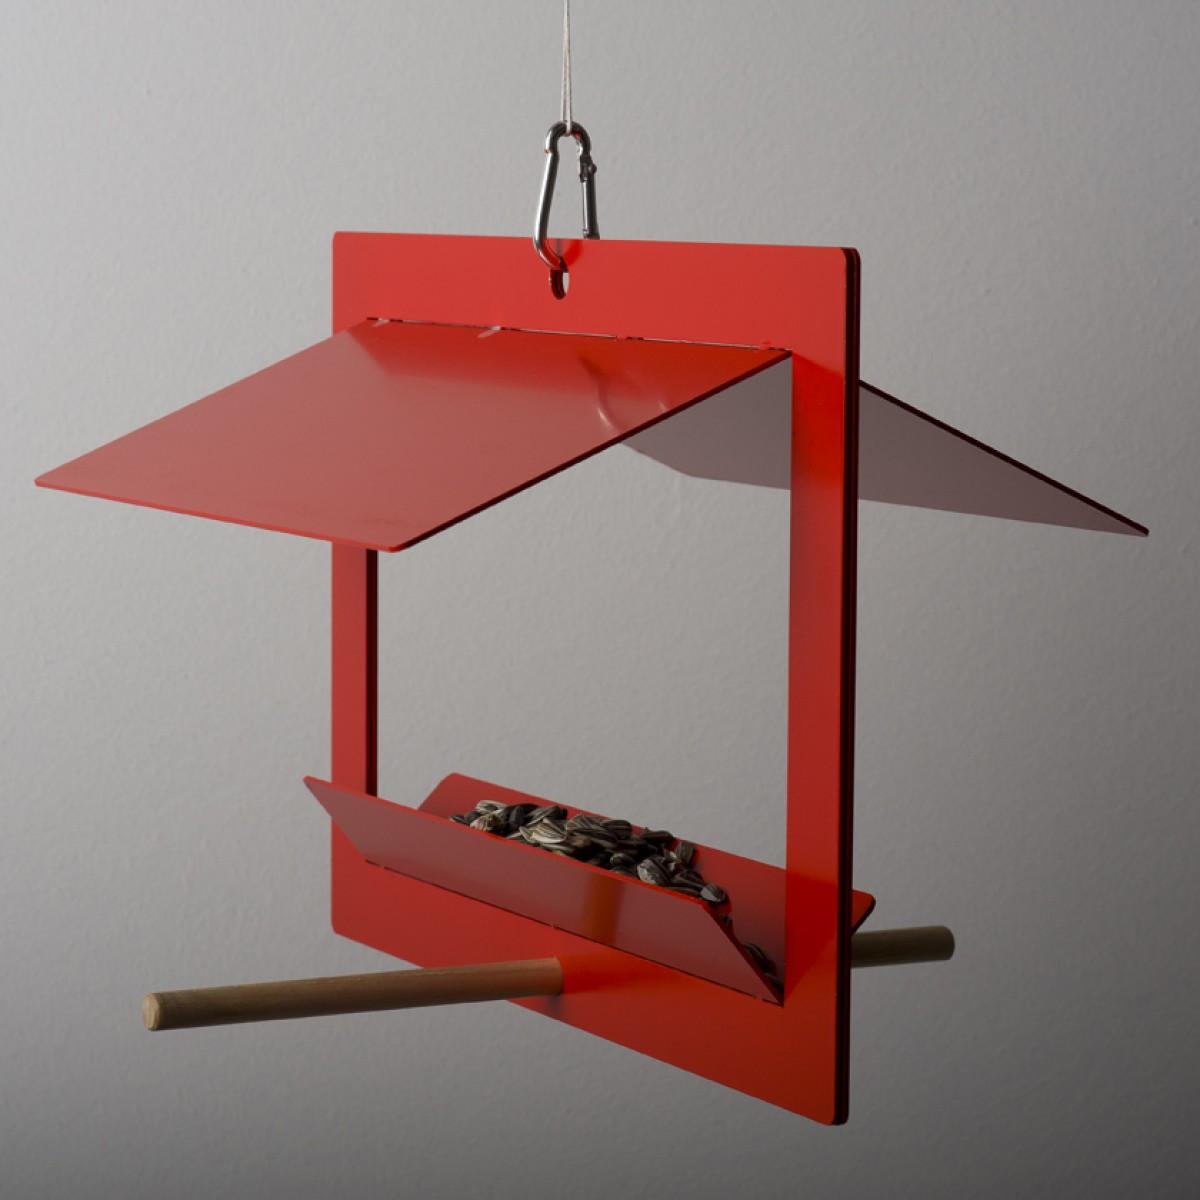 Vogelhaus - birdhouse DIN A4 -